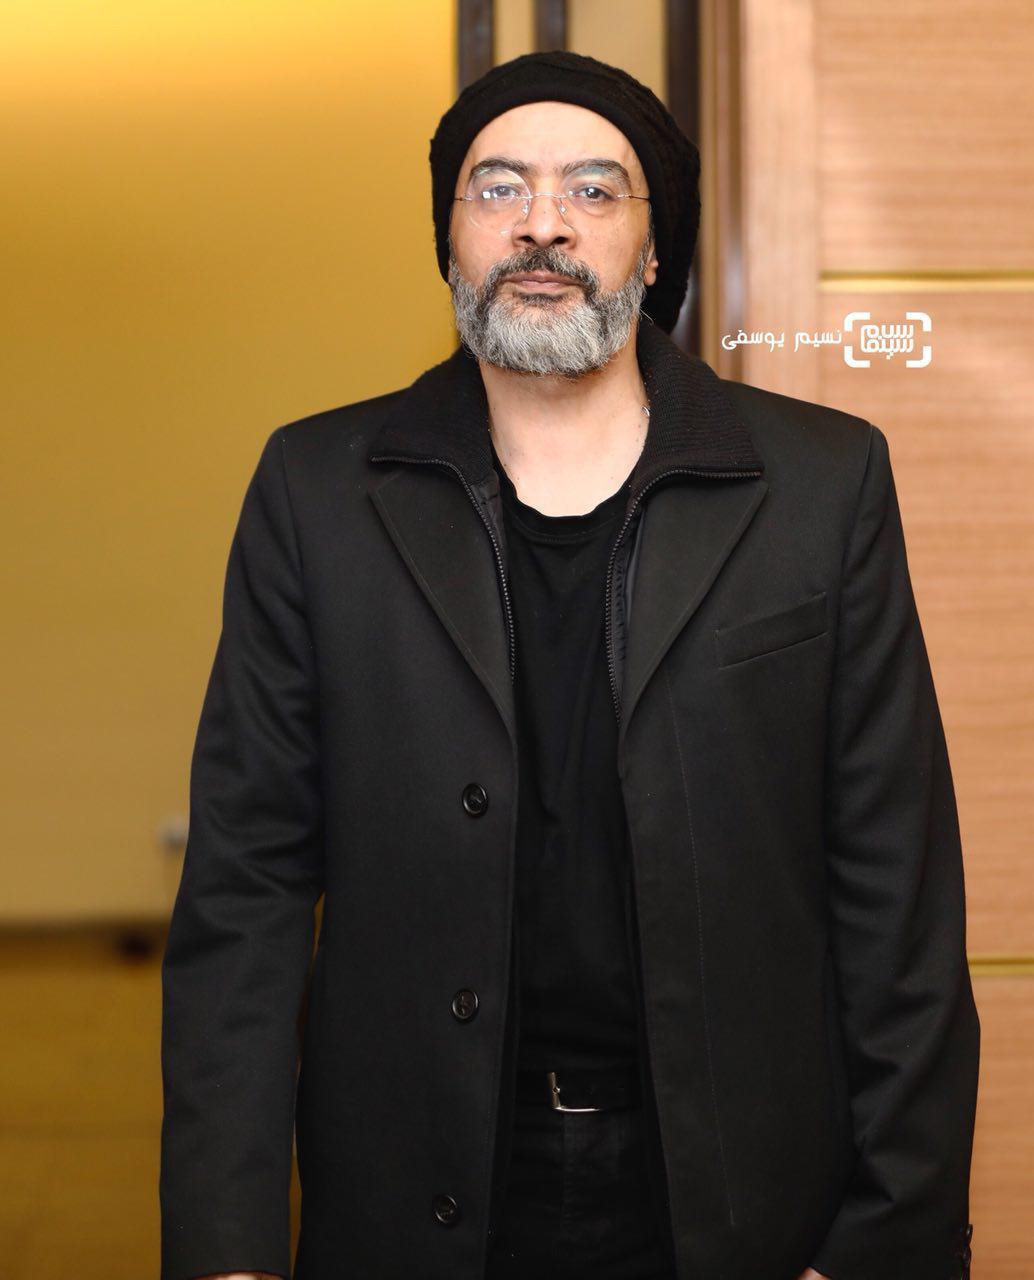 کارن همایون فر برنده سیمرغ بلورین بهترین موسیقی متن برای فیلم «به وقت شام» از سی و ششمین جشنواره فیلم فجر